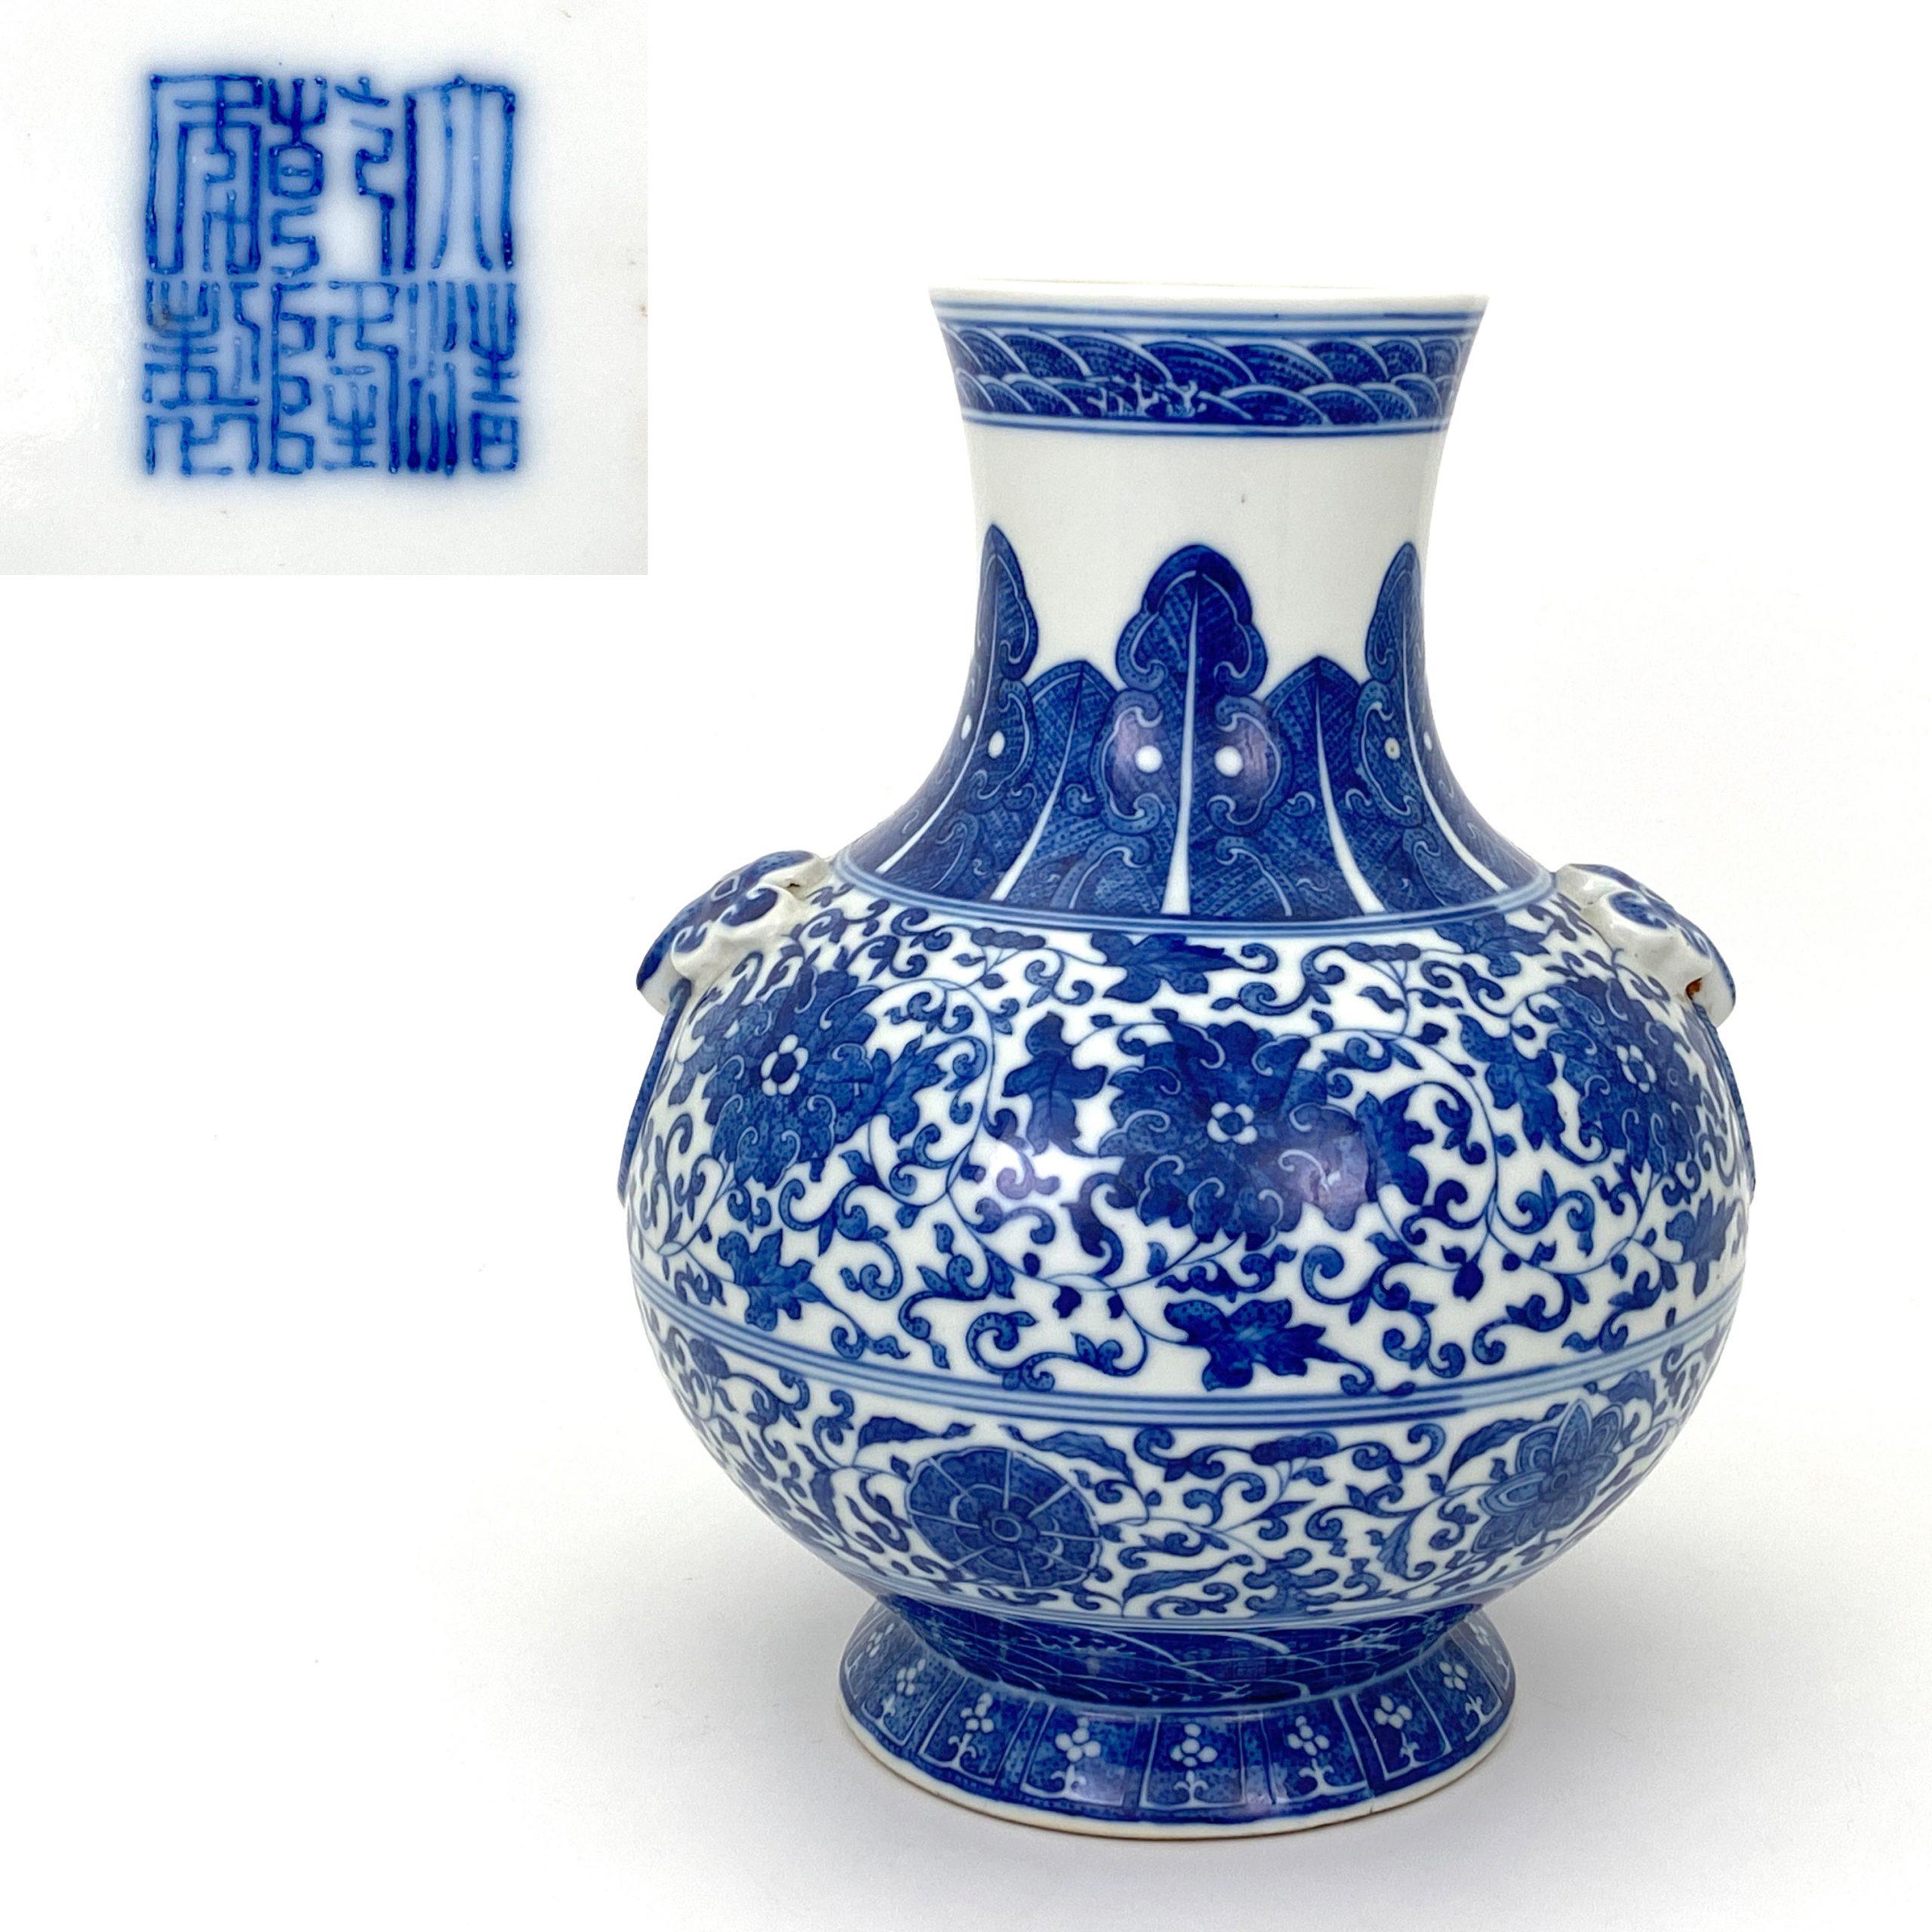 21245清「大清乾隆年製」款 青花 蓮花図 獣耳瓶